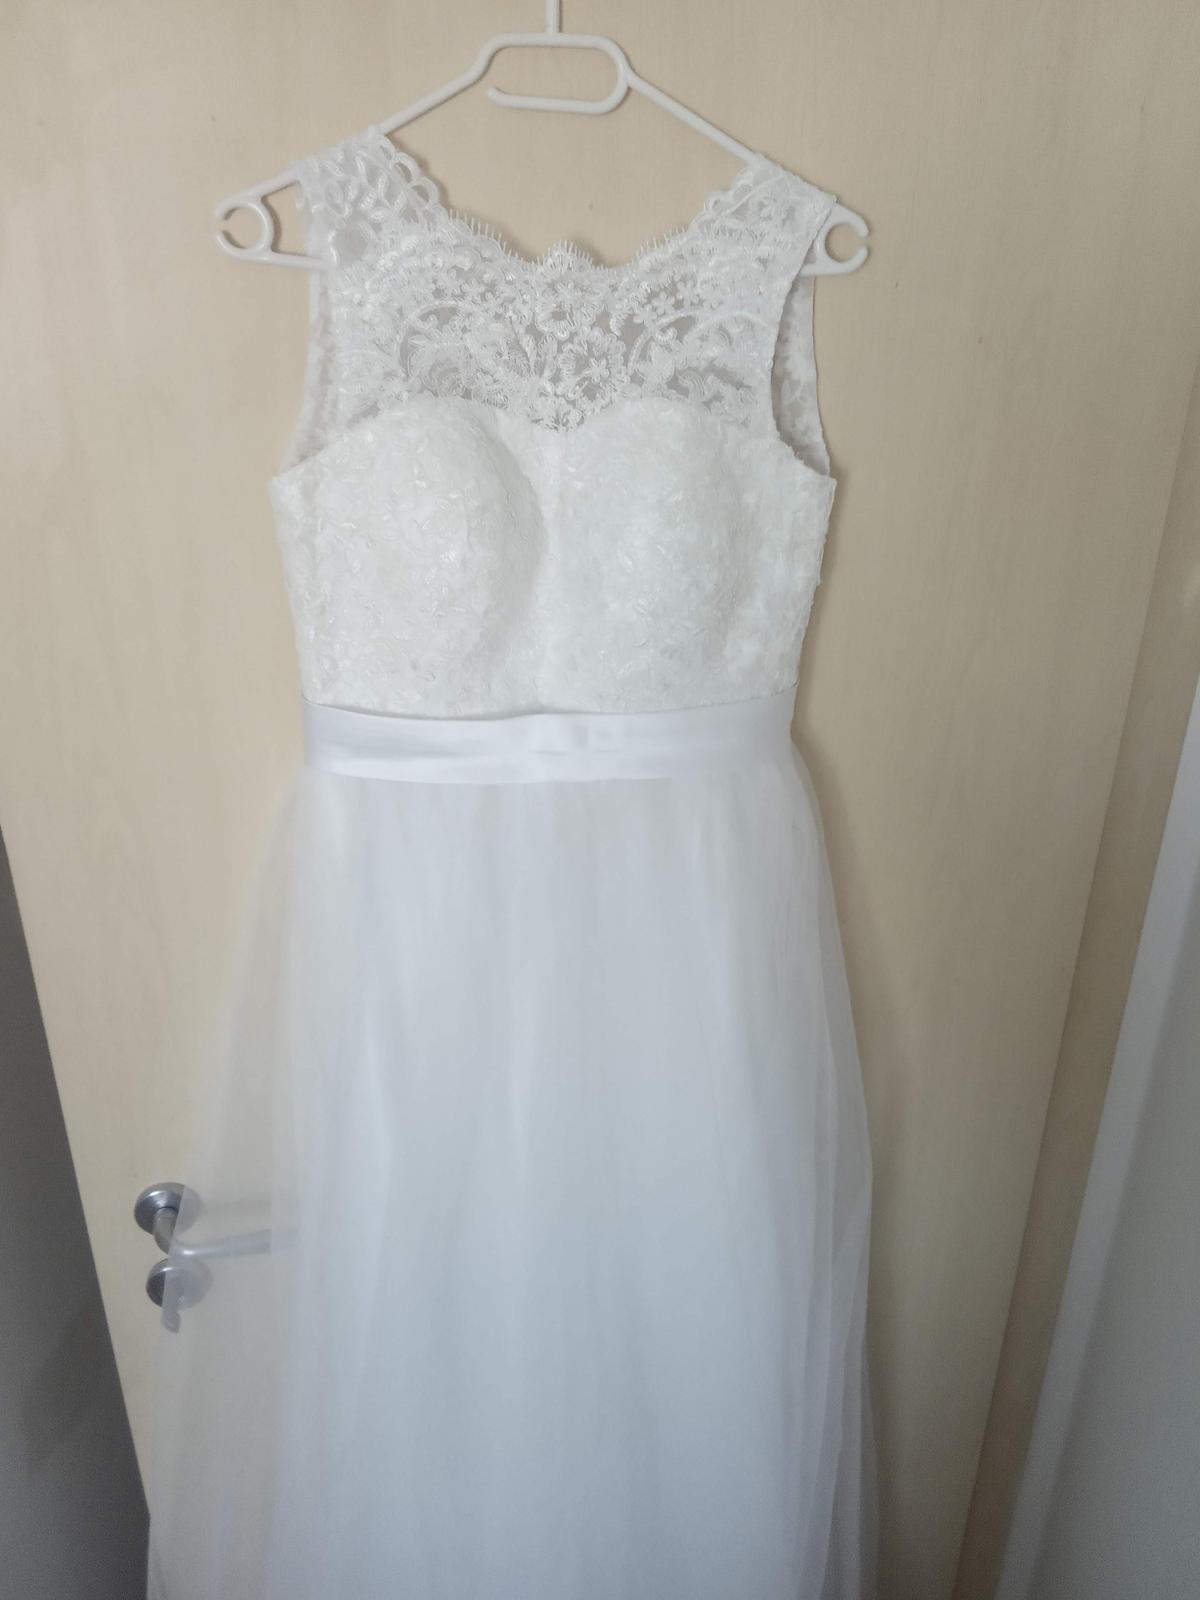 šaty vel 36 - Obrázek č. 1